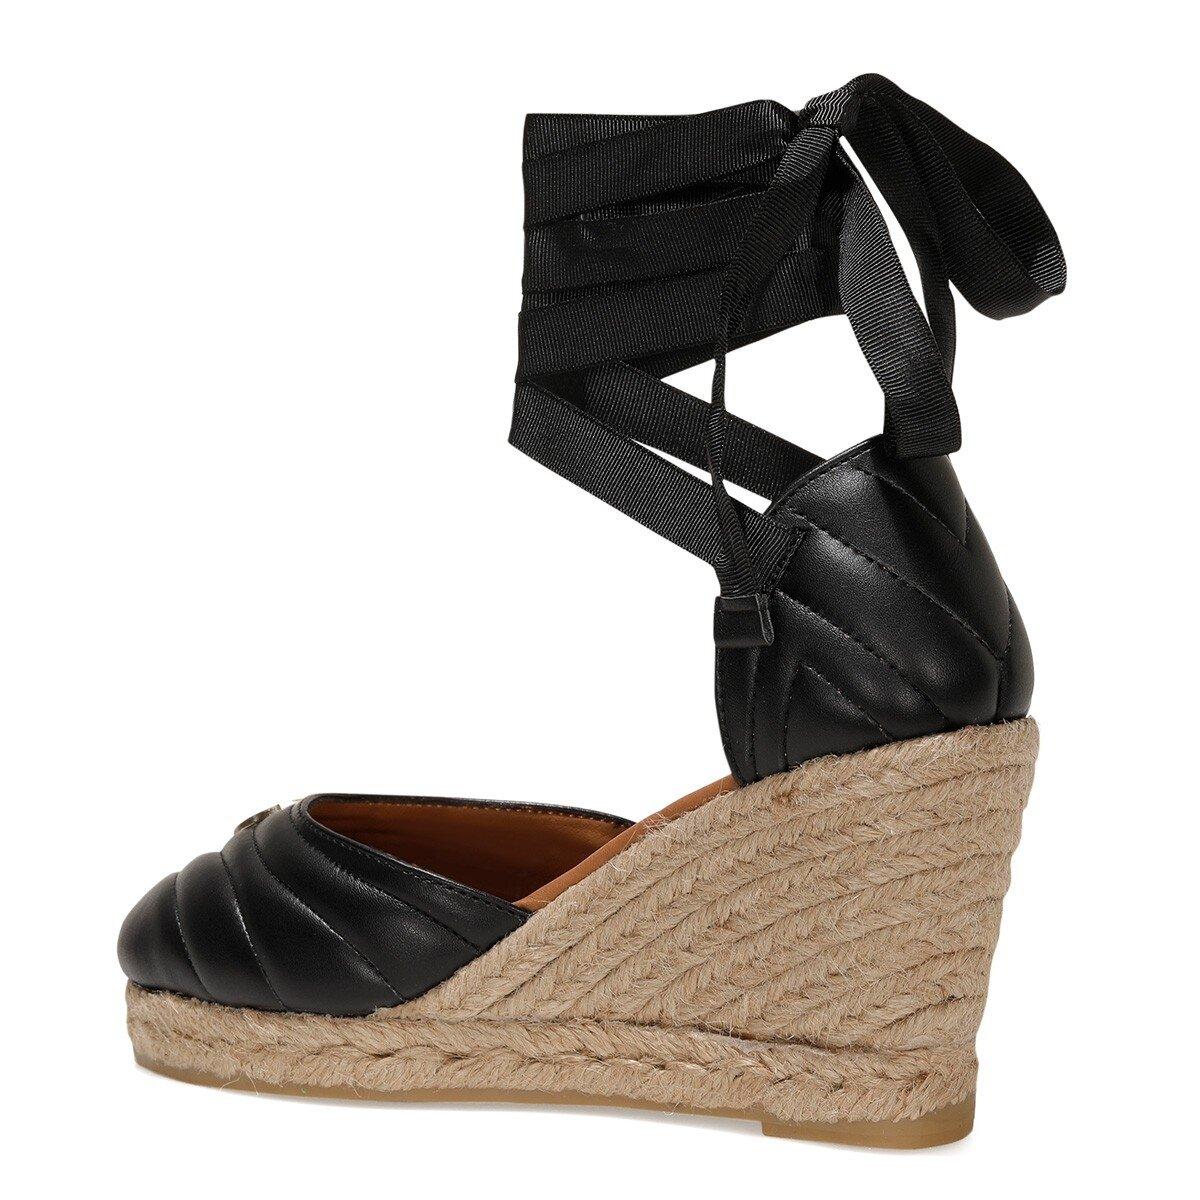 MIROSLOVA 1FX Siyah Kadın Espadril Ayakkabı